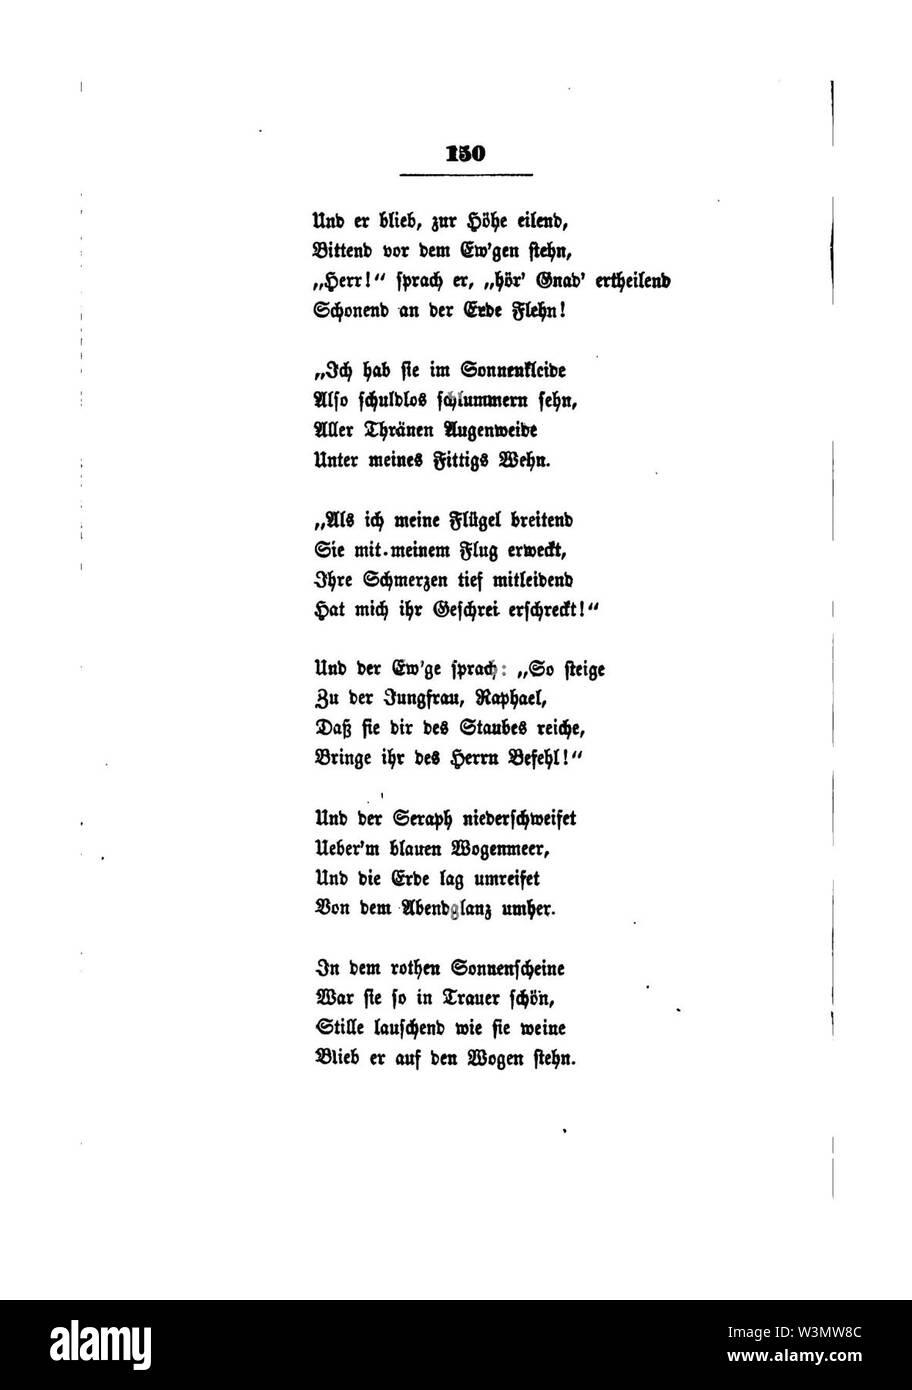 Clemens Brentano's gesammelte Schriften III 150. - Stock Image